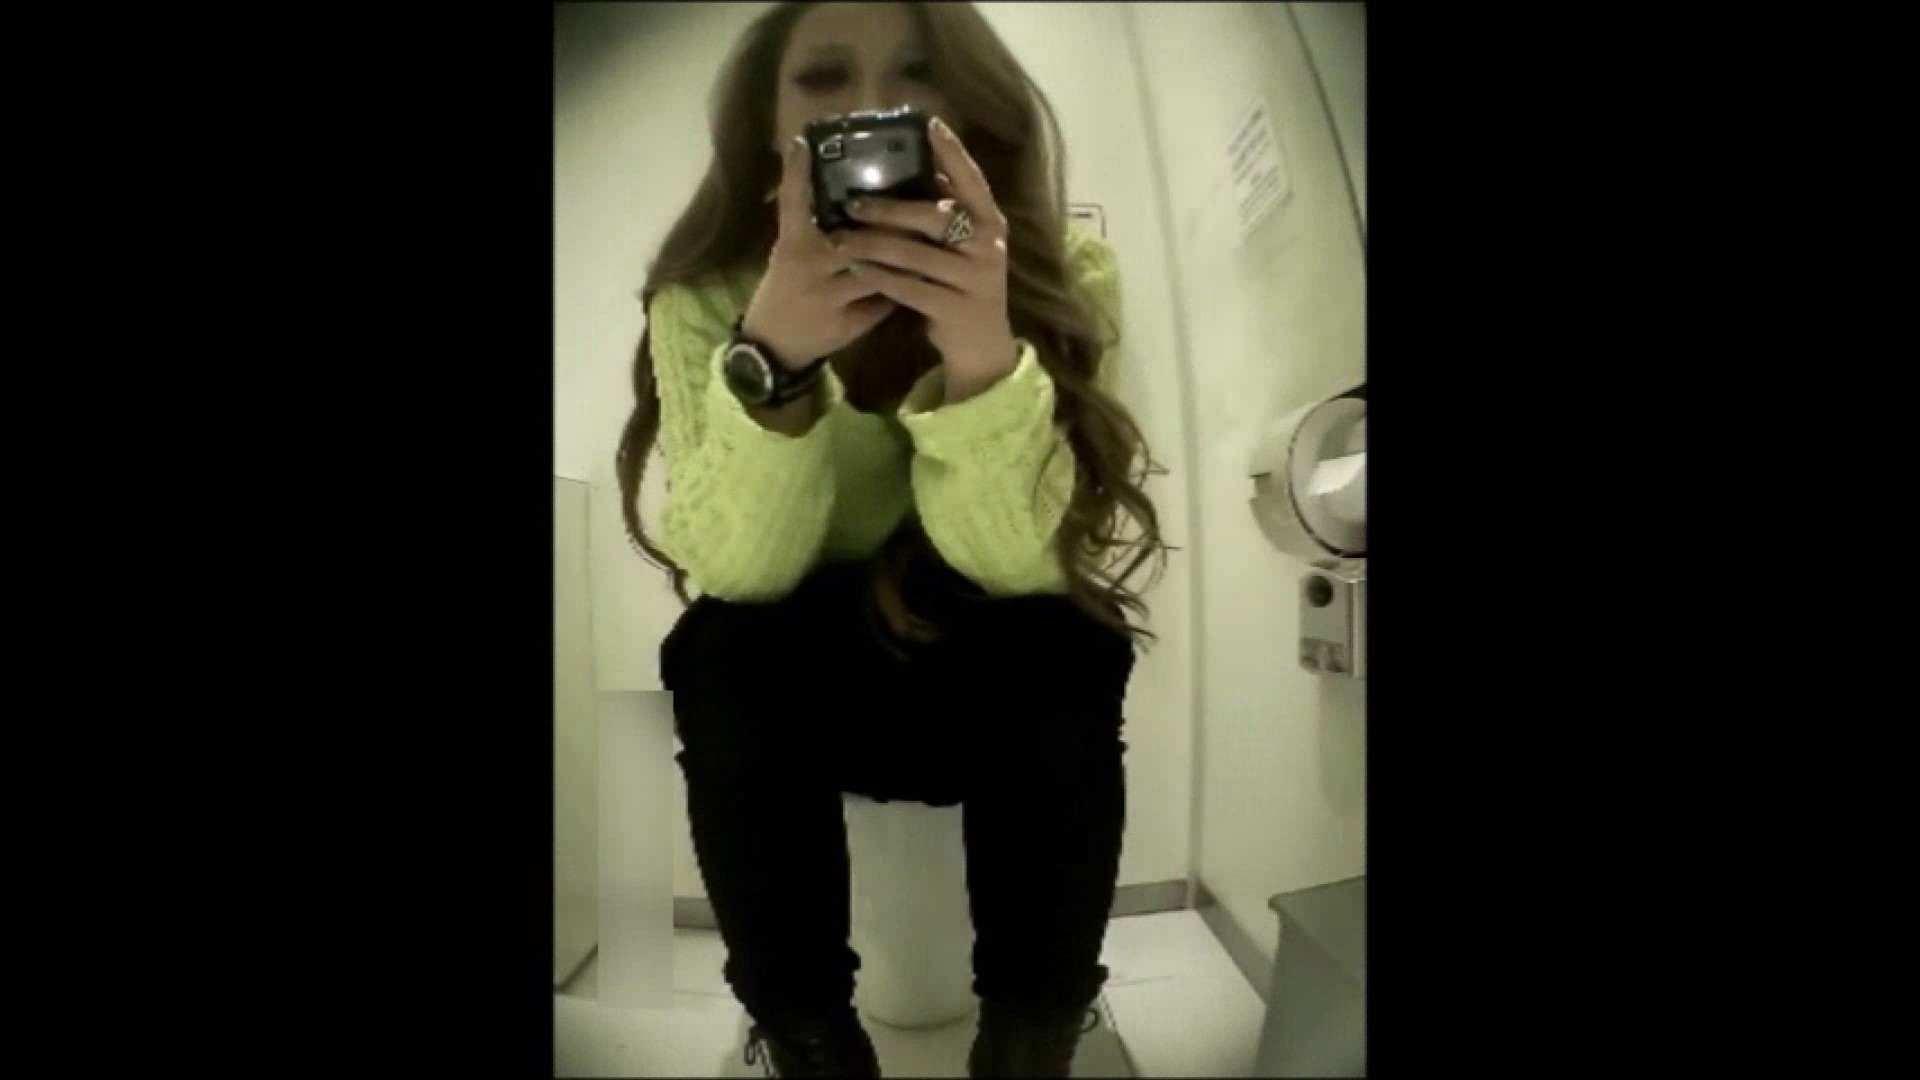 洗面所盗撮~隣の美人お姉さんVol.16 美女エロ画像 アダルト動画キャプチャ 102PICs 32